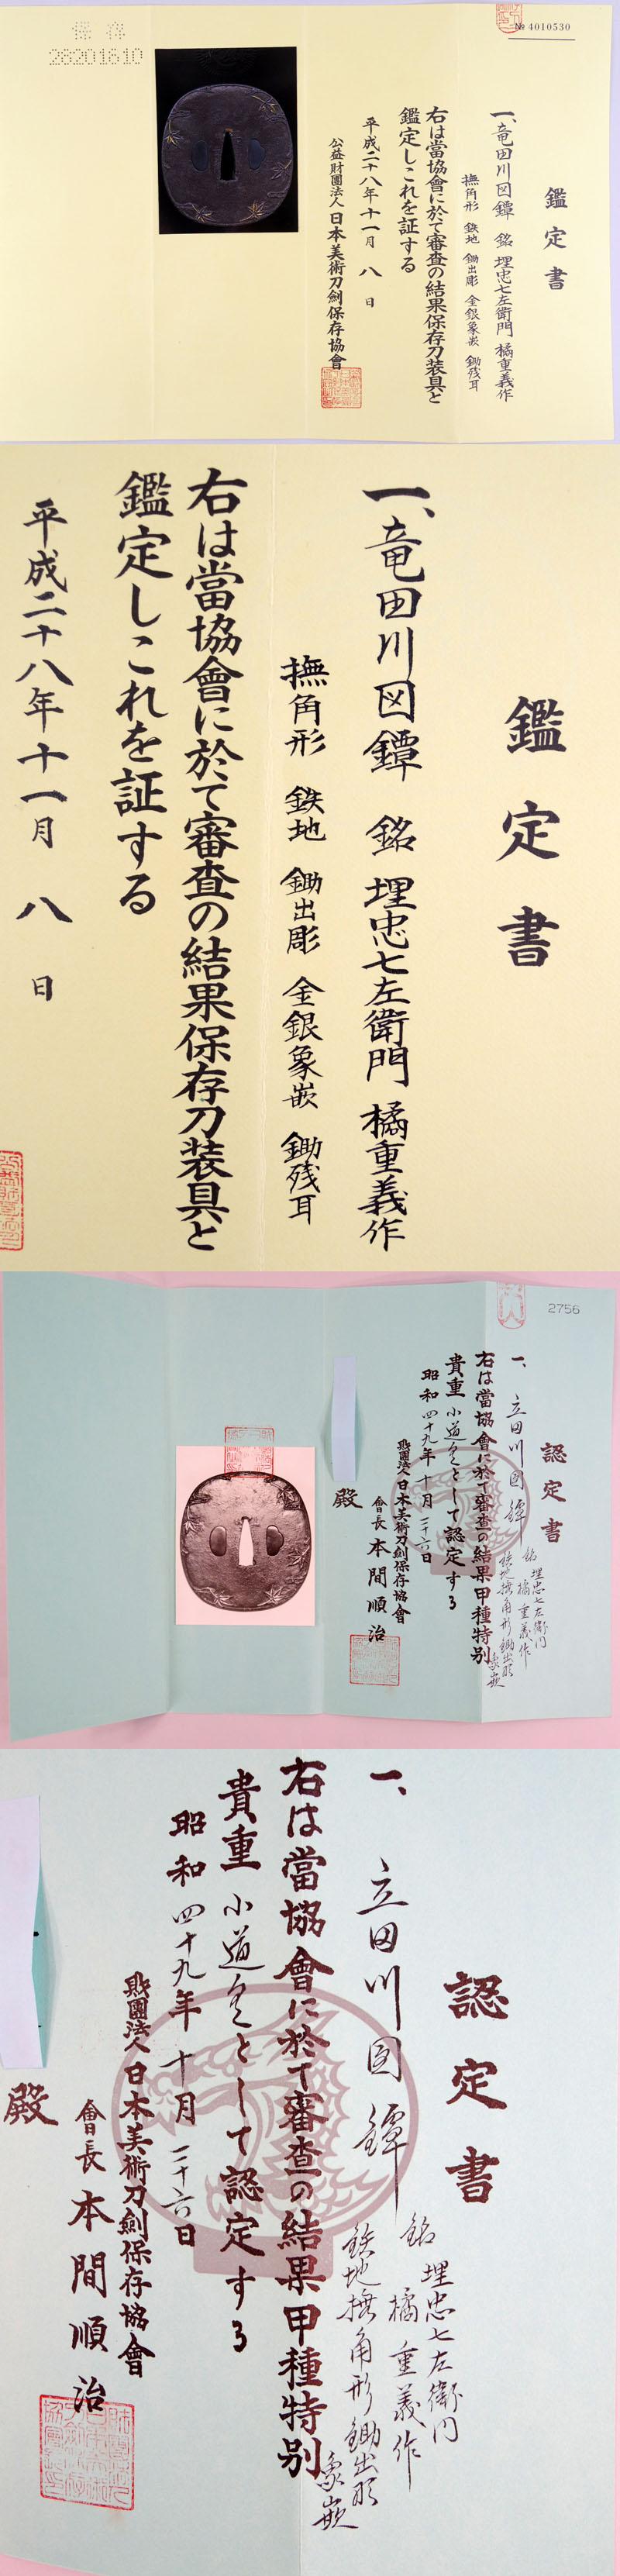 竜田川図鍔 埋忠七左衛門 橘重義作 Picture of Certificate